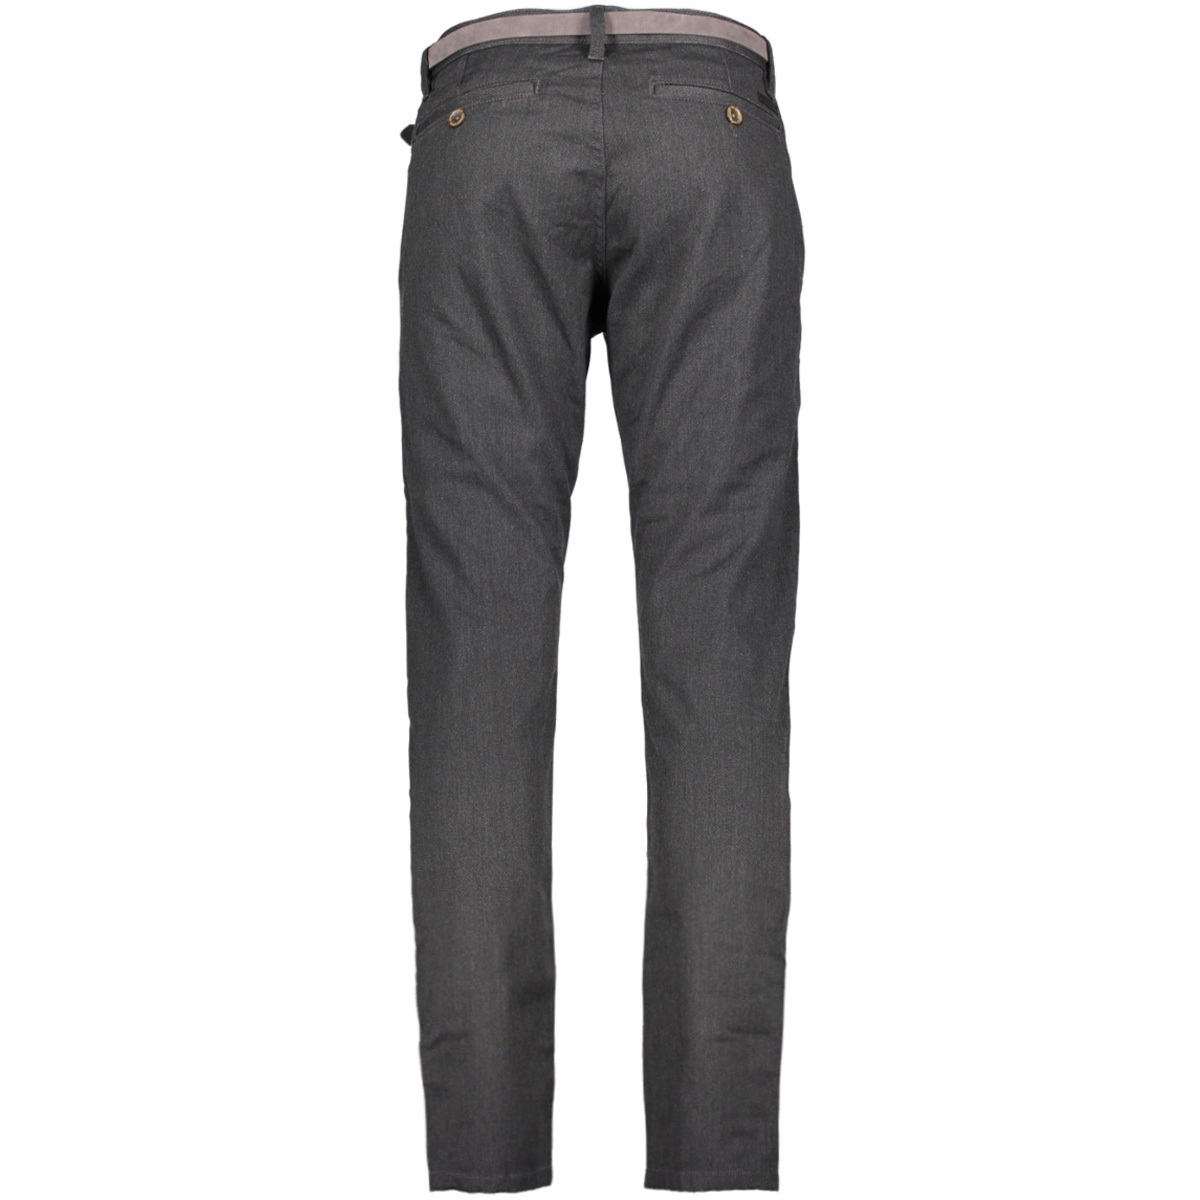 6405355.00.10 tom tailor broek 2983